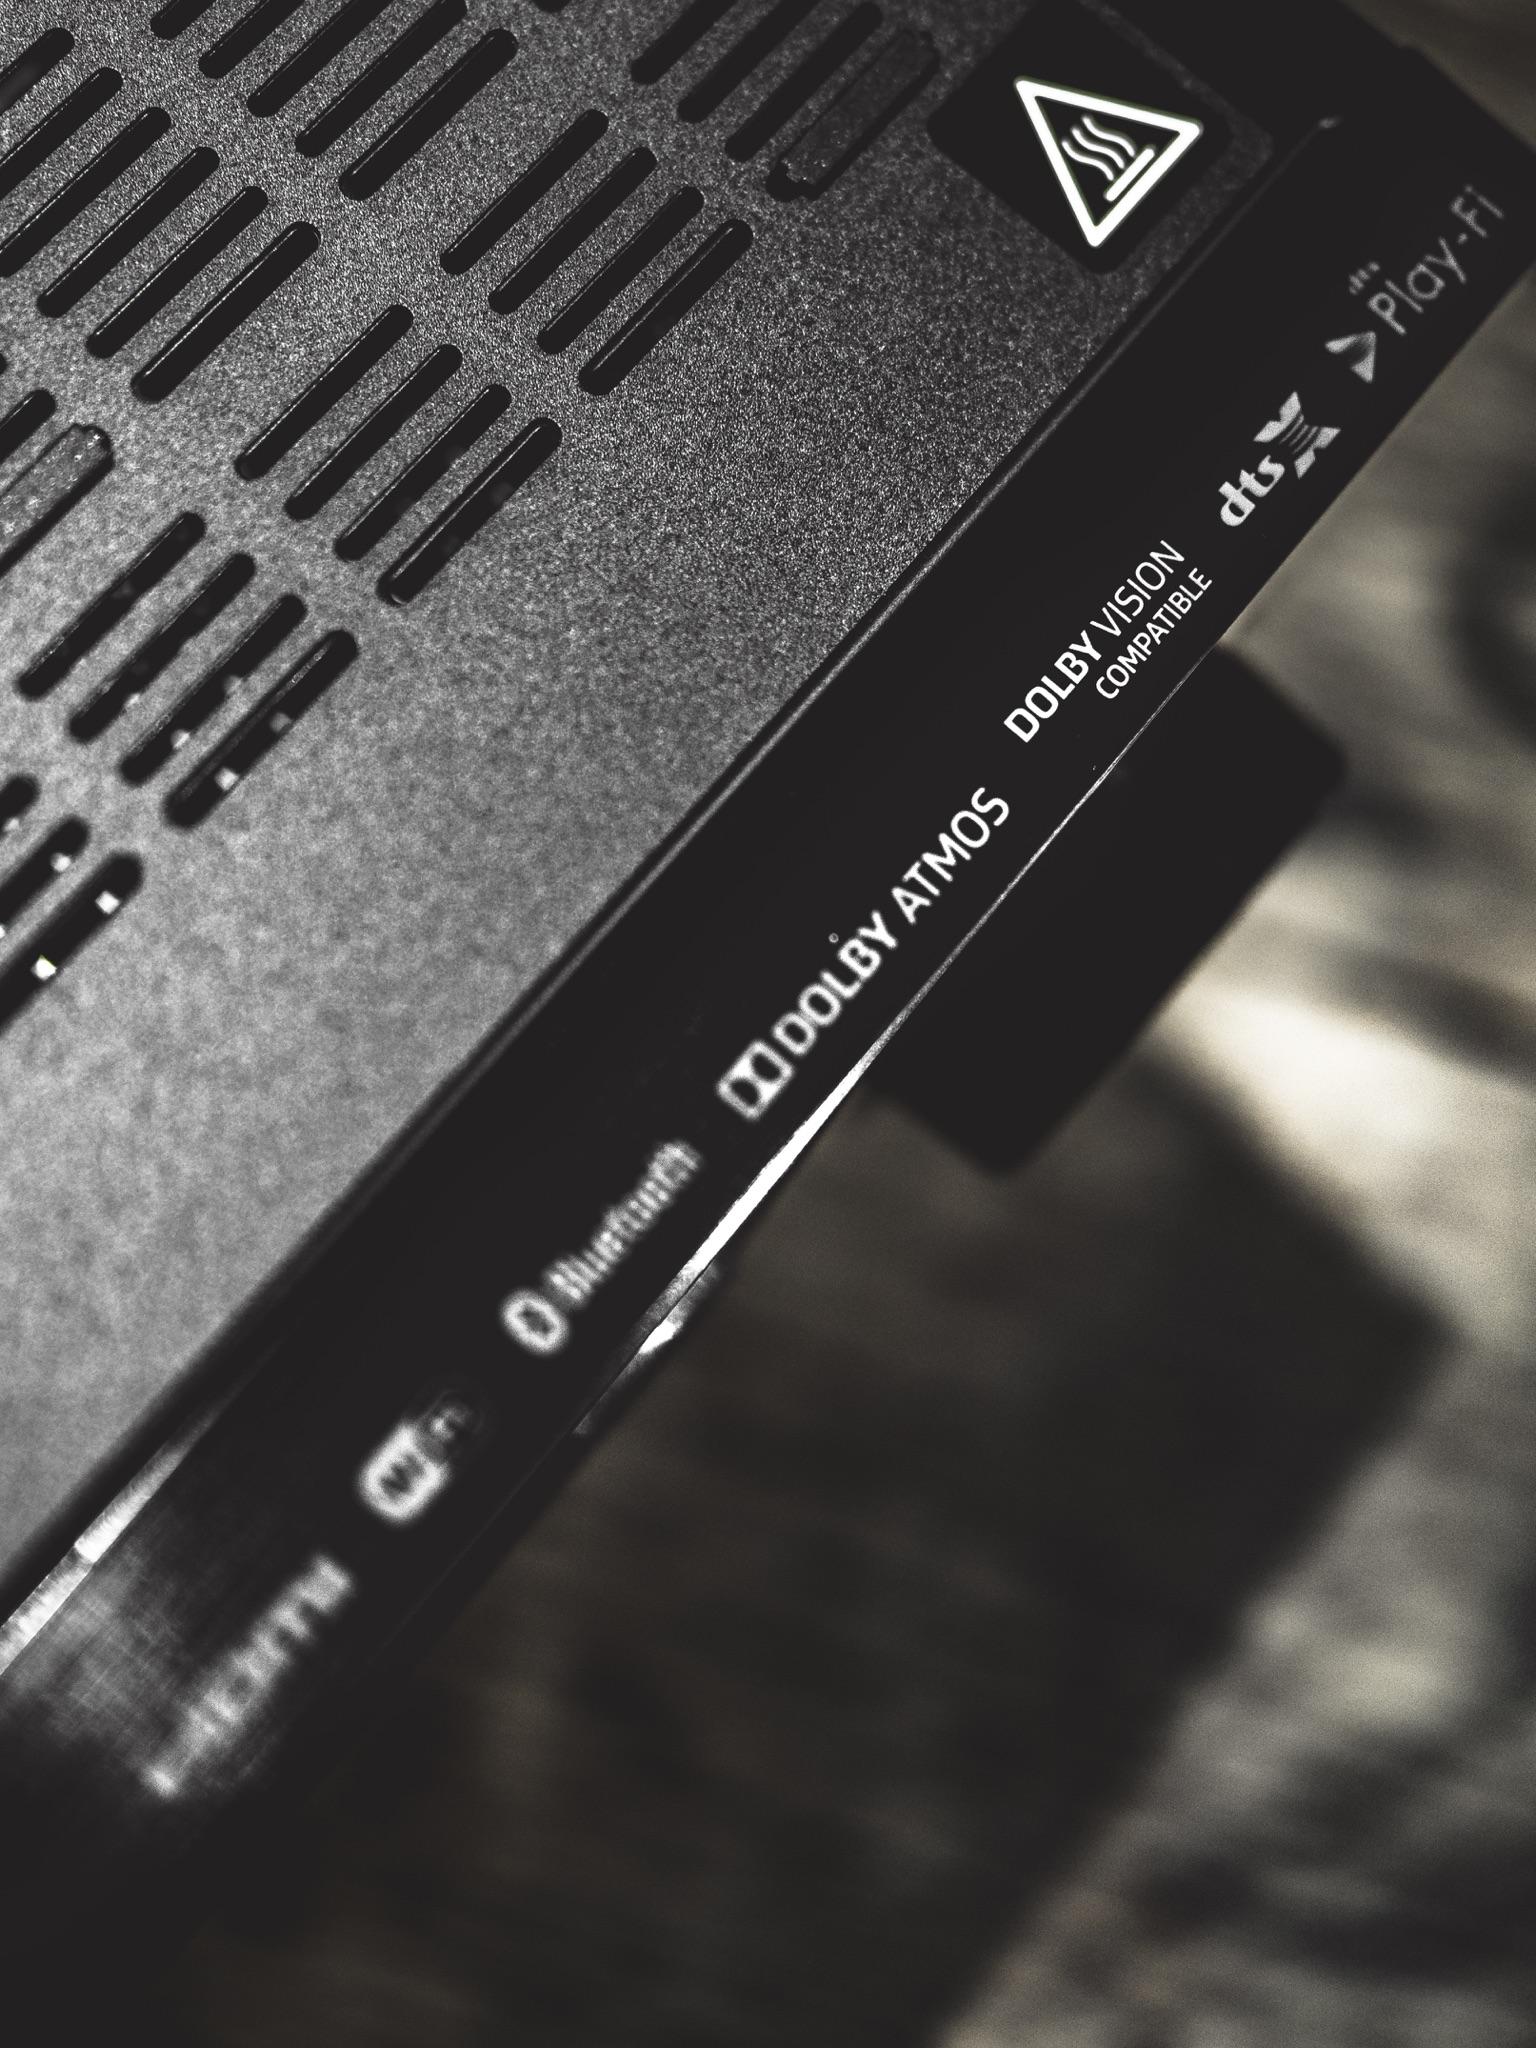 Home Cinema AV Surround Sound Pioneer VSX-932 Receiver Dolby Atmos 4K Dolby Vision DTS-X Wifi